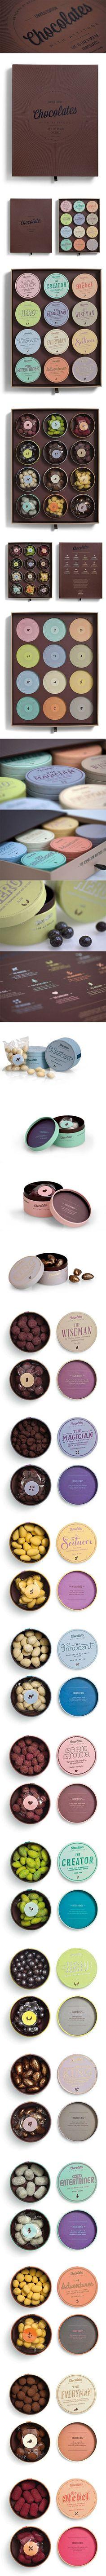 Chocolates with attitude 2012 by Bessermachen DesignStudio